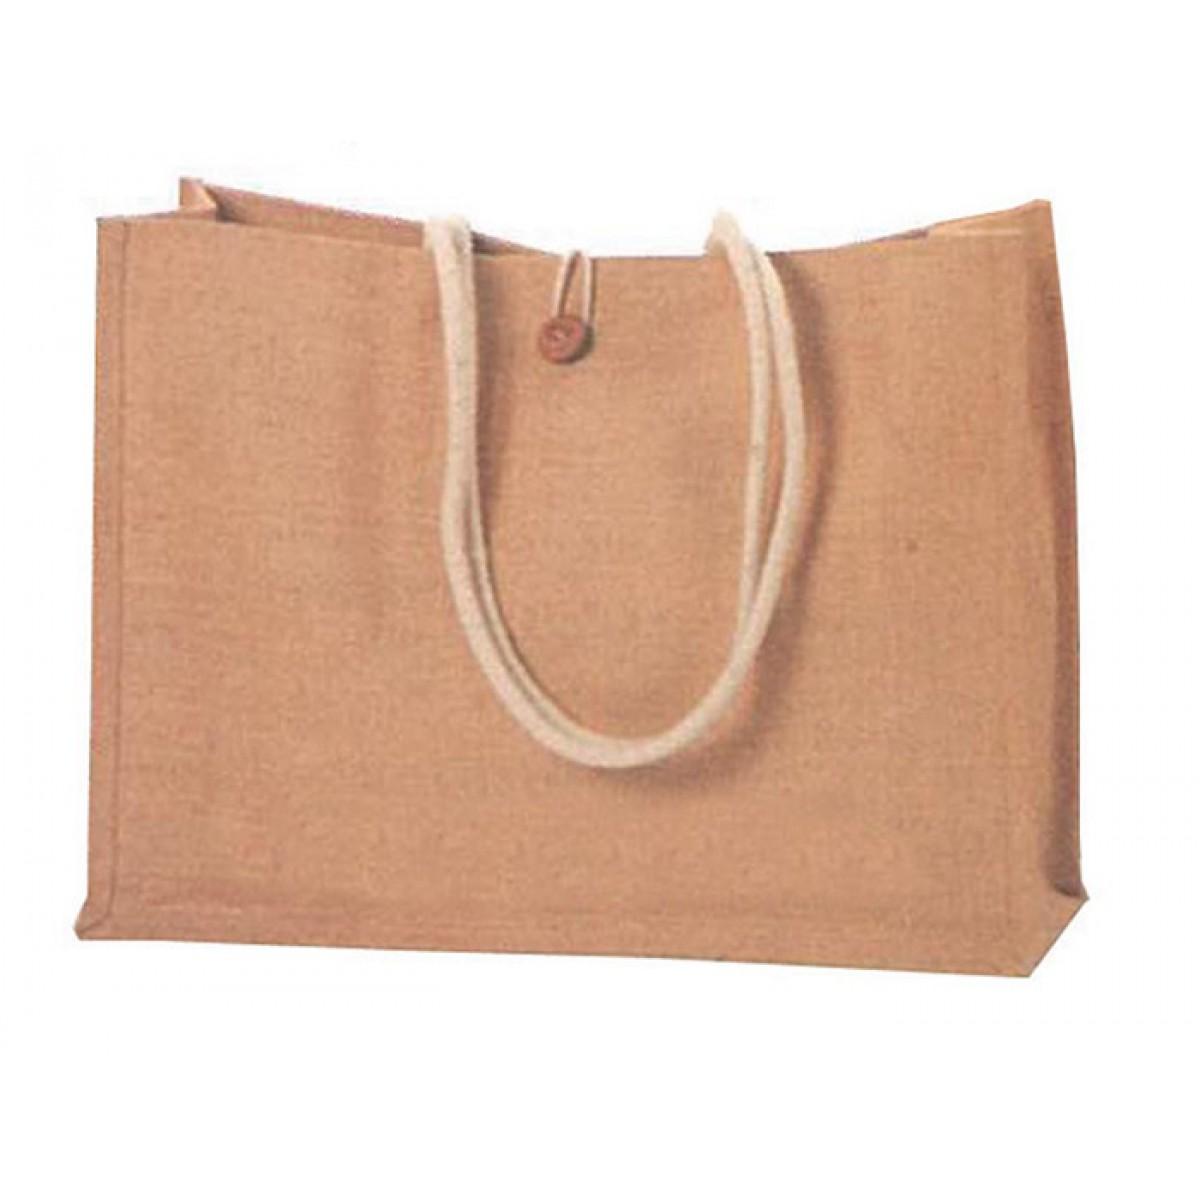 Τσάντα Από Λινάτσα Υ35x45x14εκ. Υλικά Χειροτεχνίας